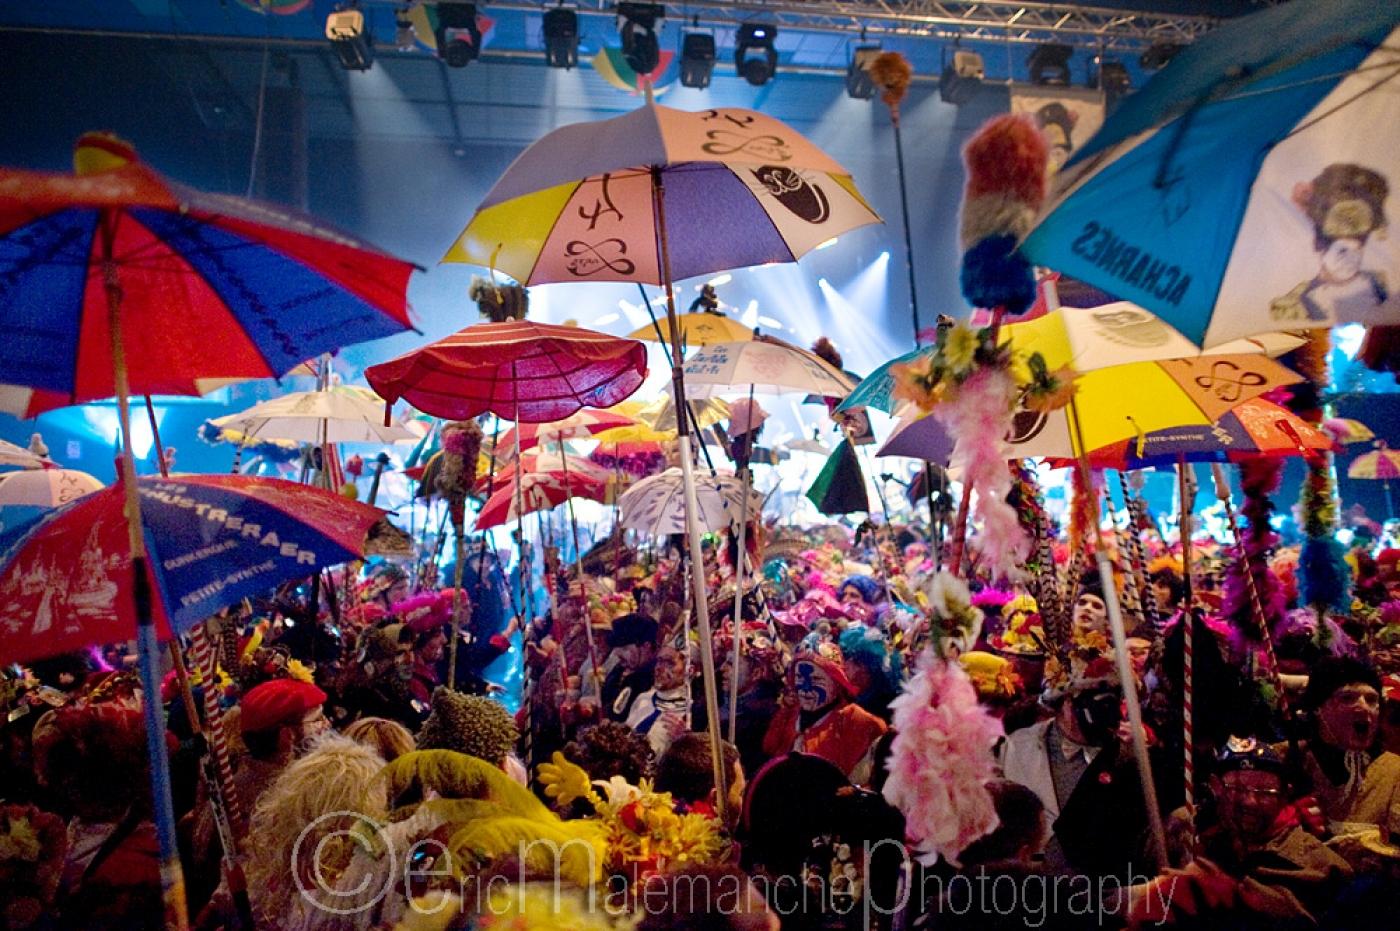 https://www.ericmalemanche.com/imagess/topics/carnaval-de-dunkerque/liste/Carnaval-Dunkerque-0867.jpg